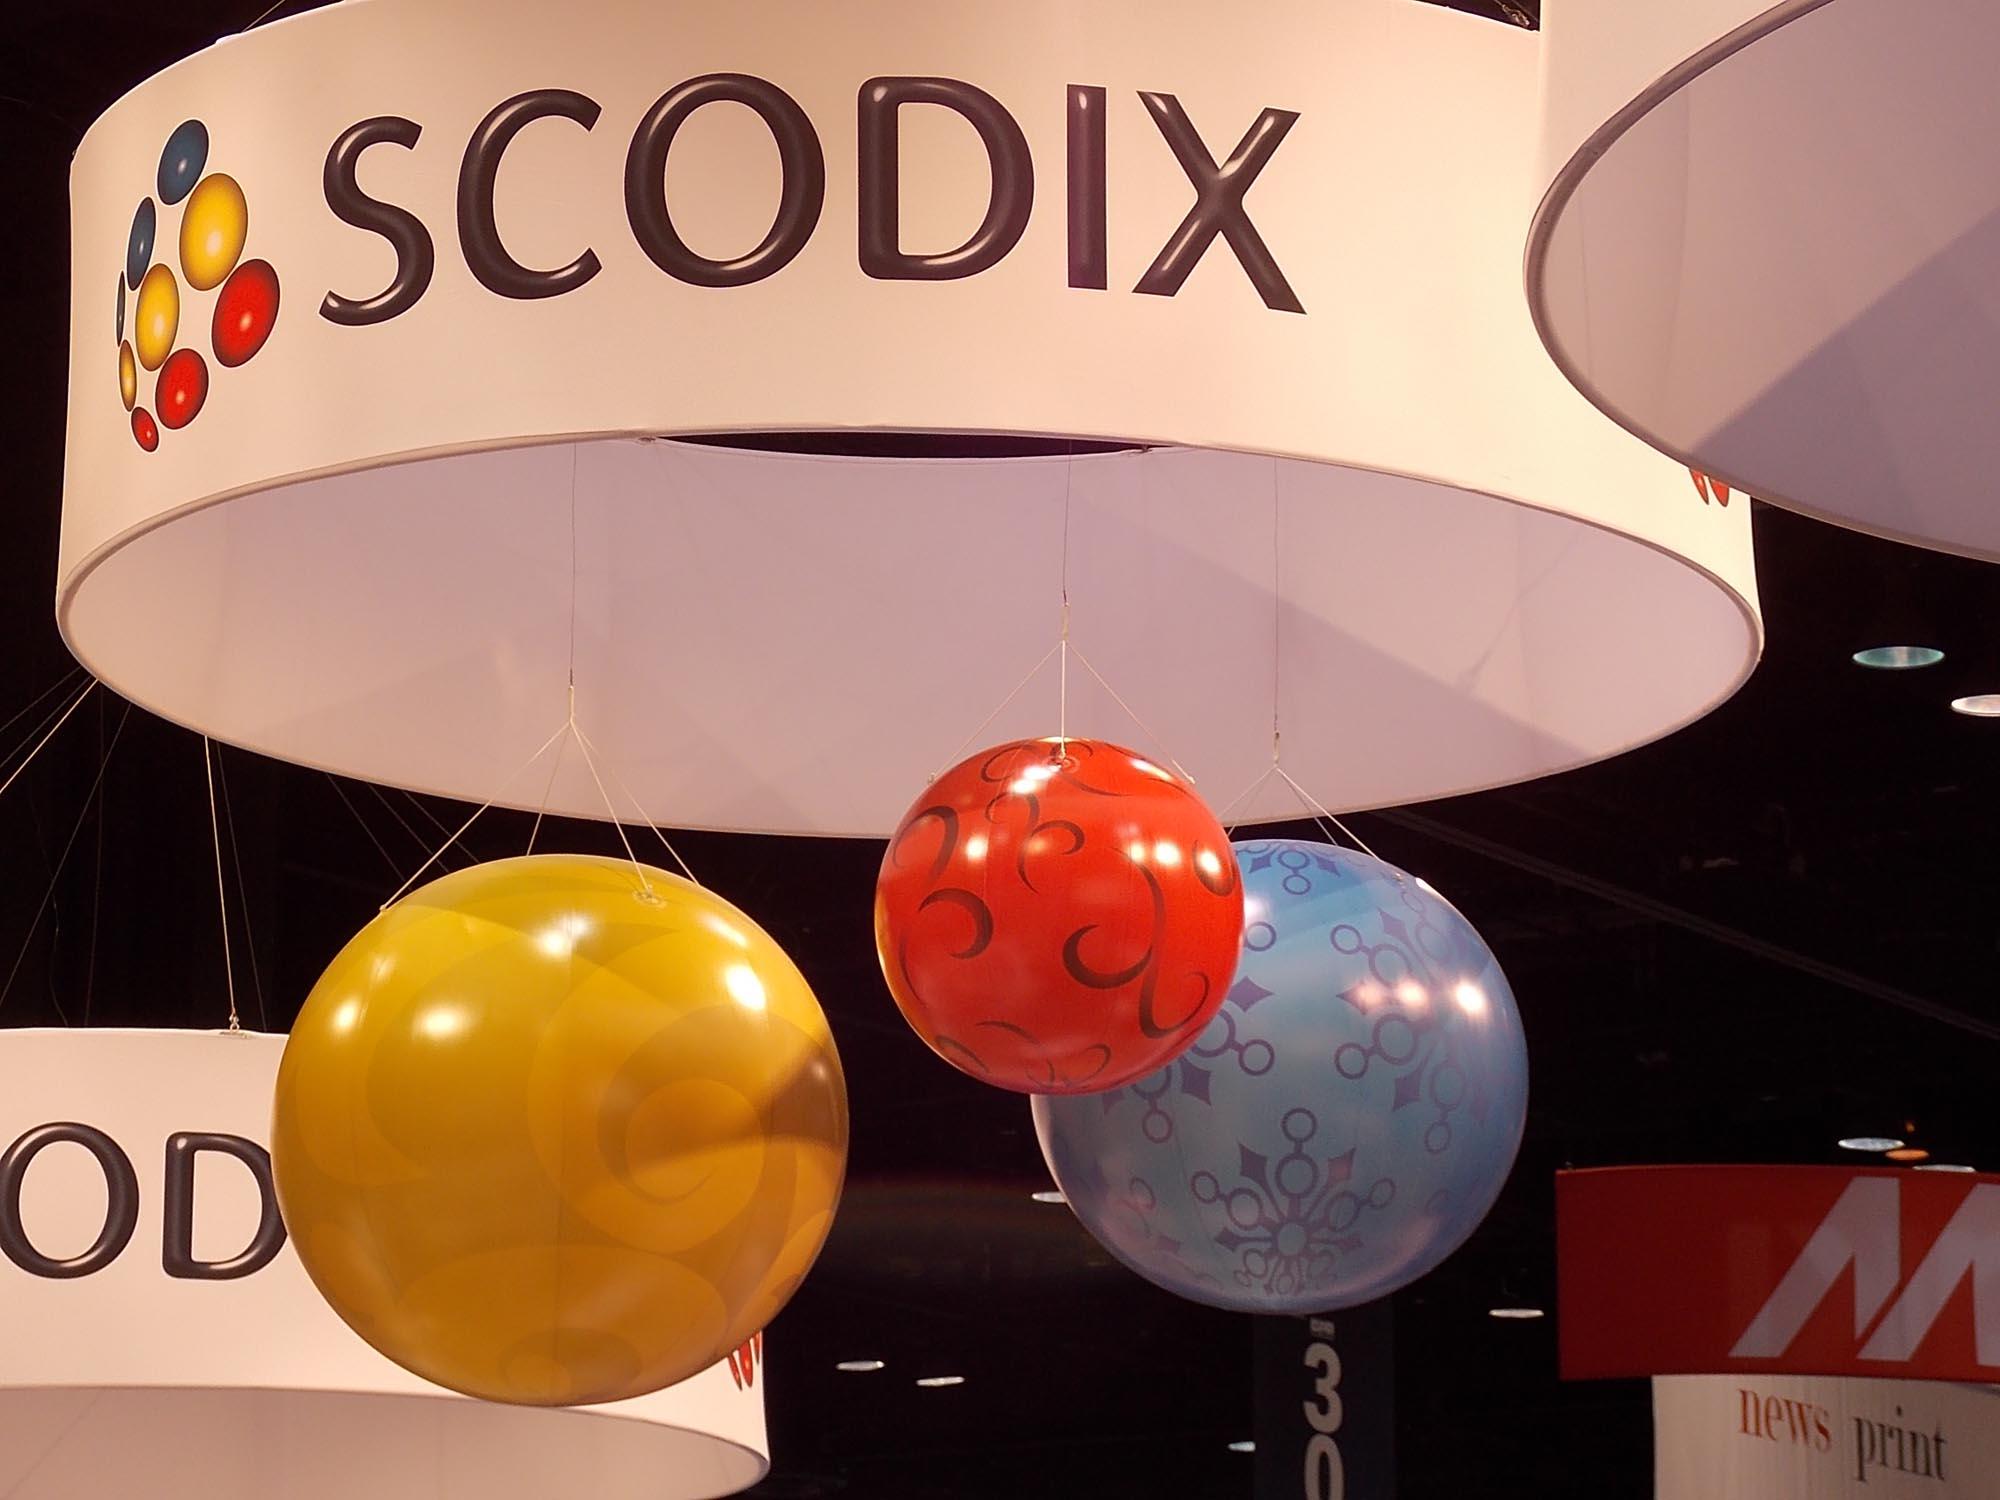 Scodix-spheres.jpg